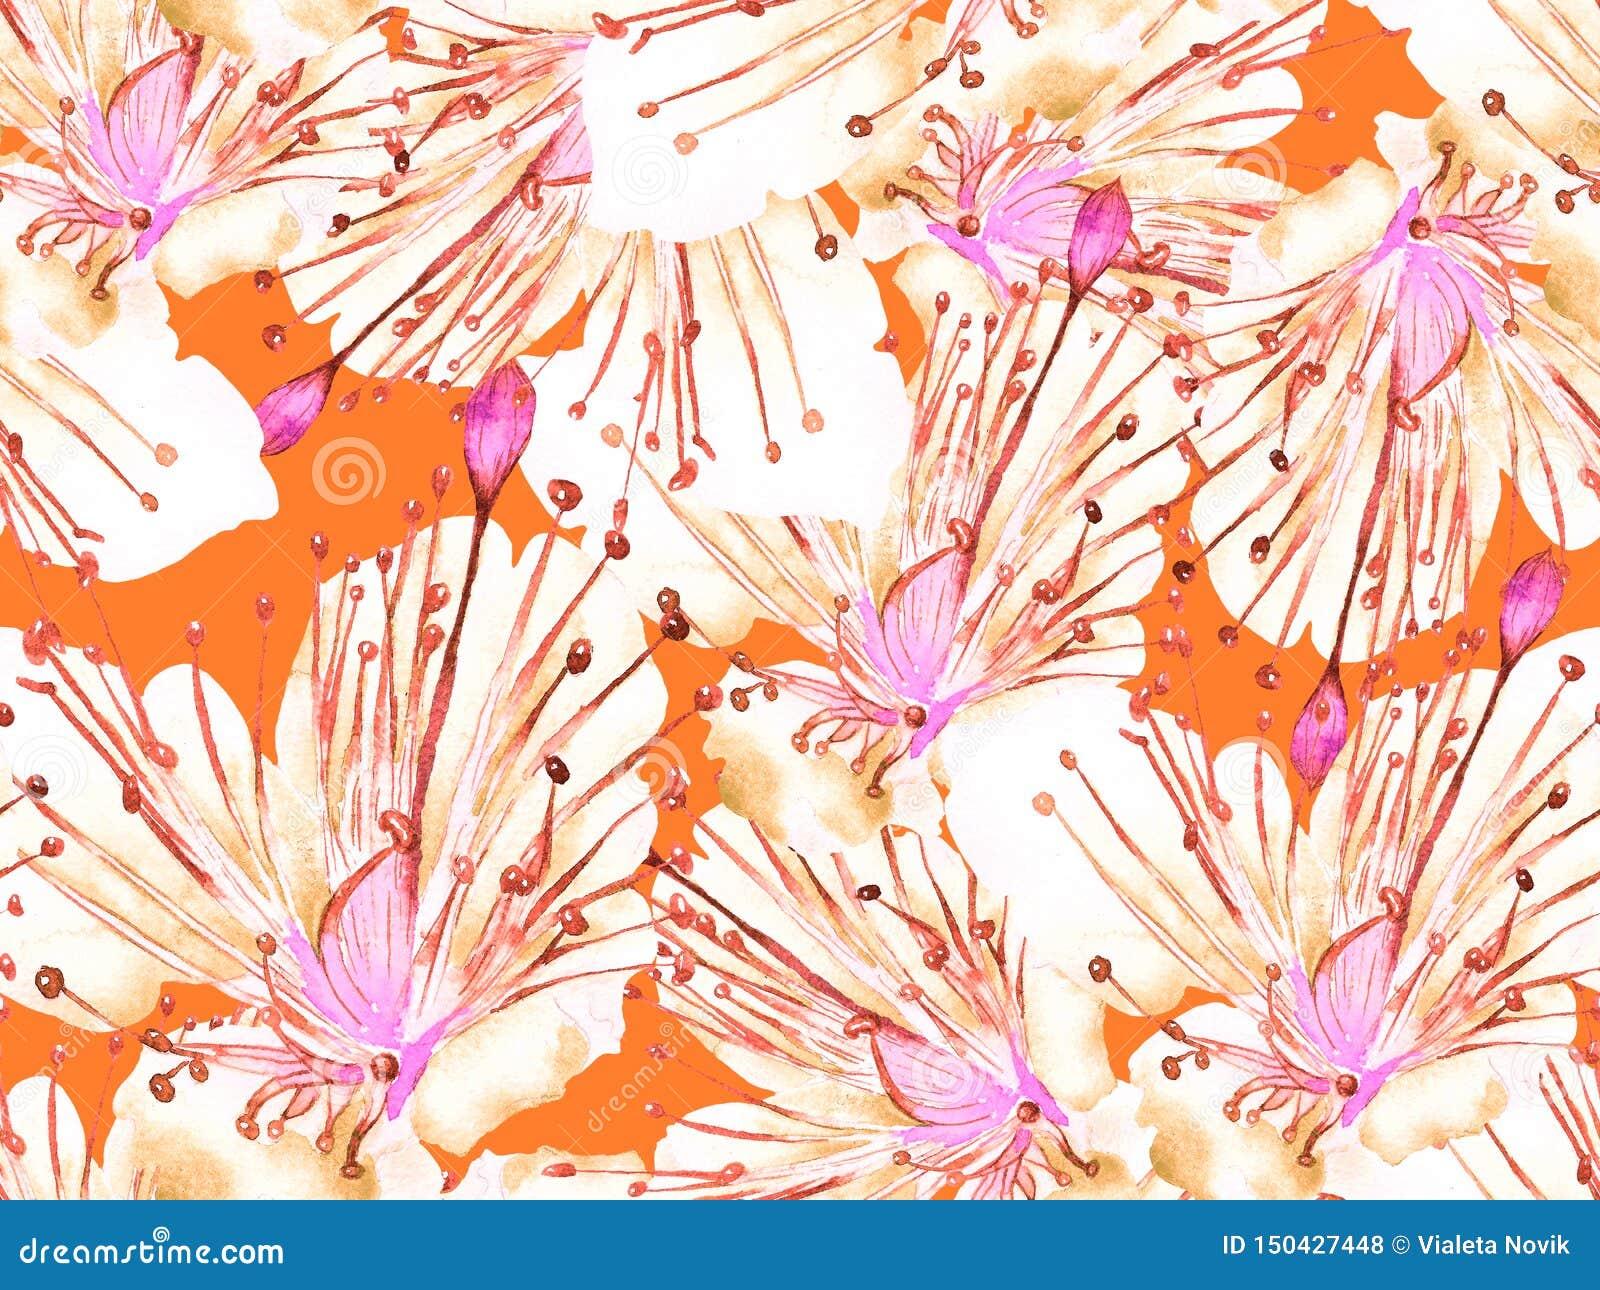 Смелый абстрактный цветочный узор